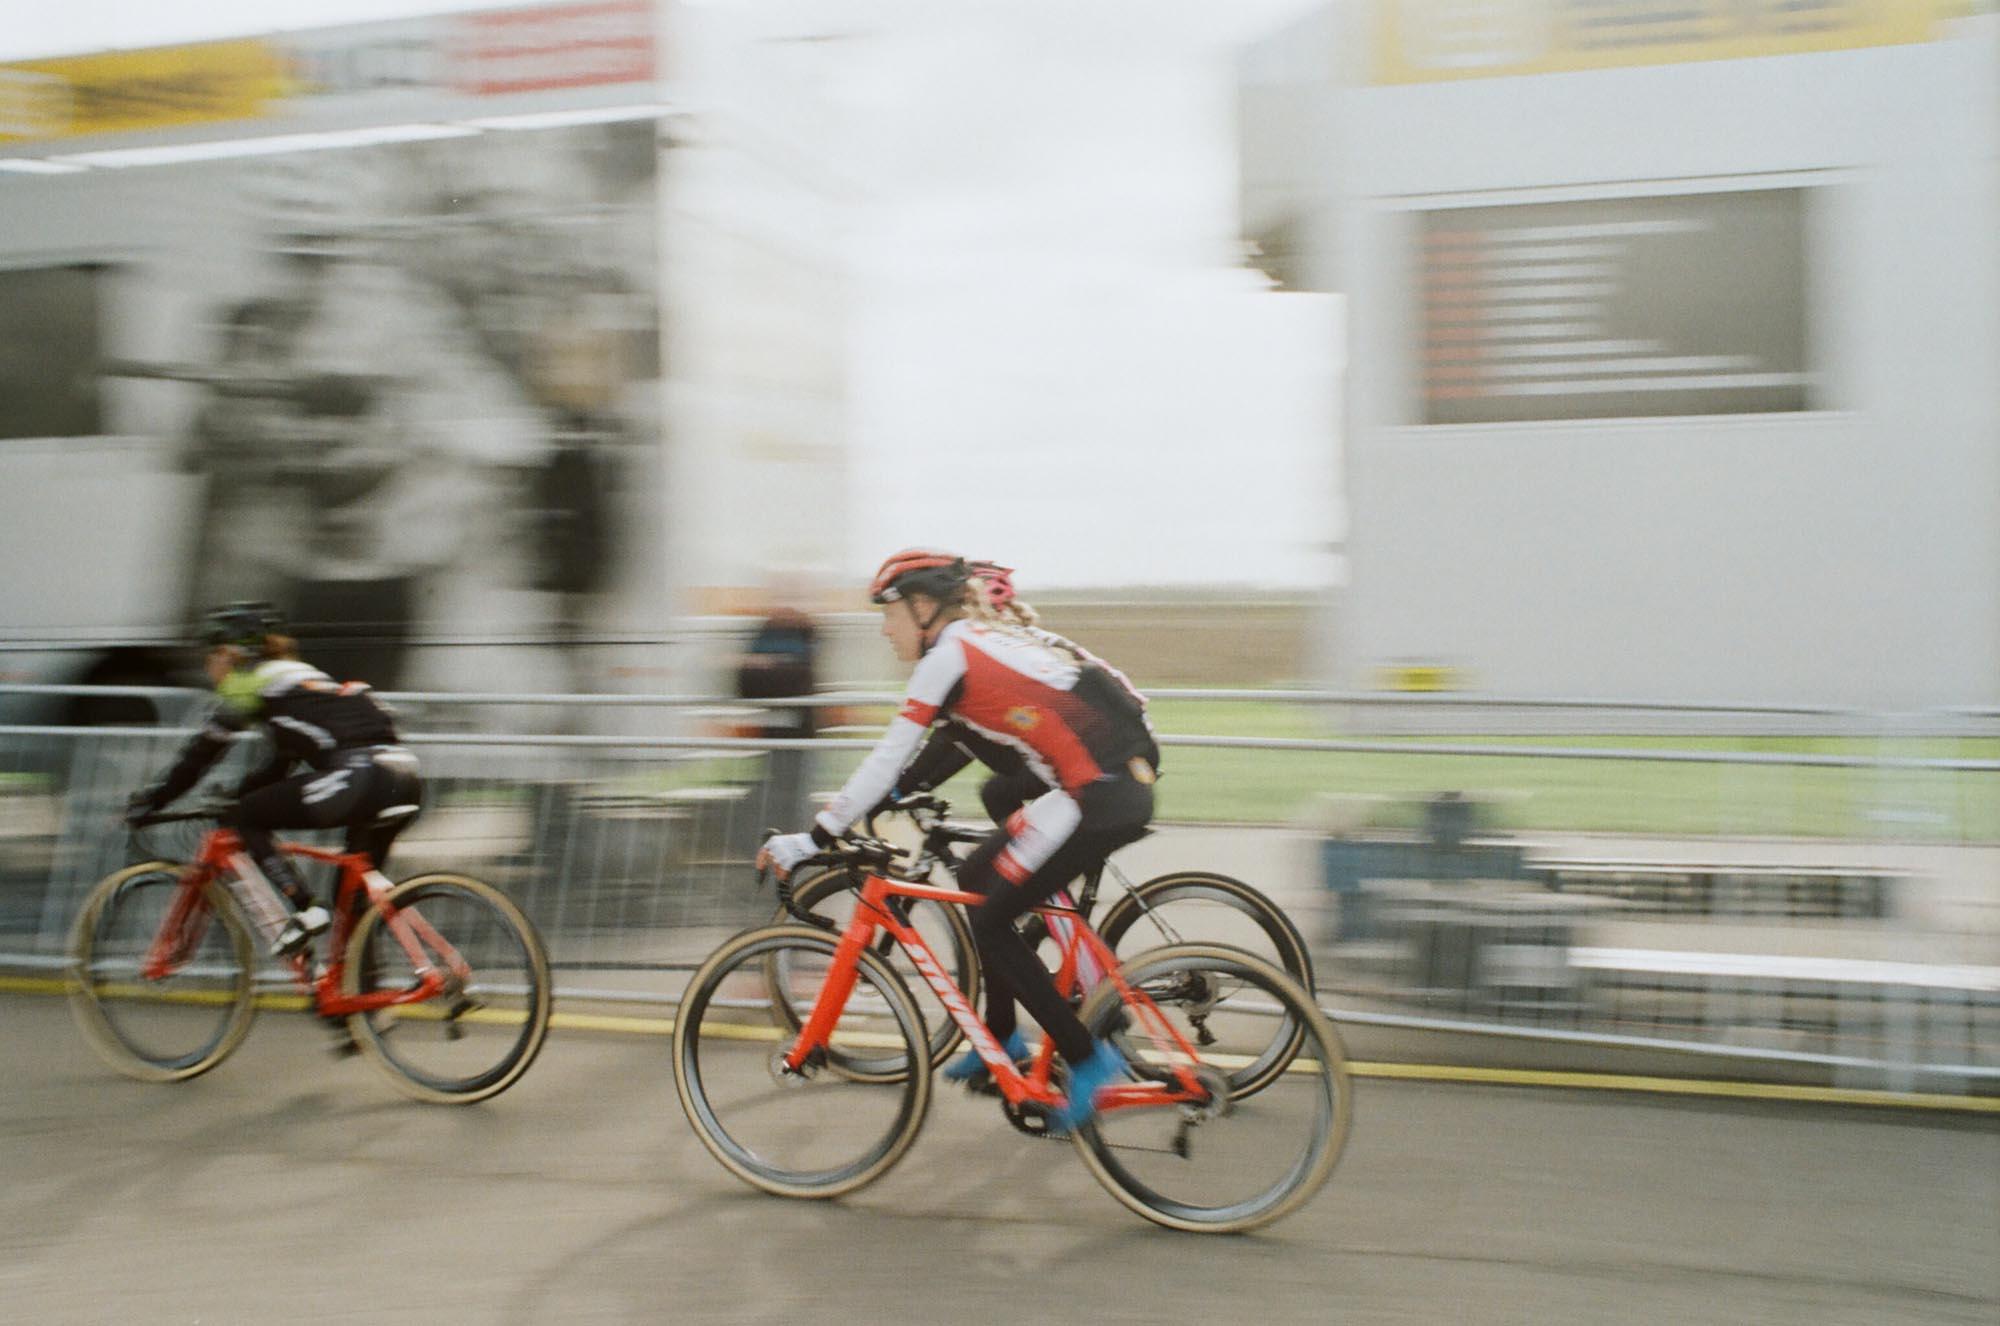 met helmets cyclocross era circus 000469070007